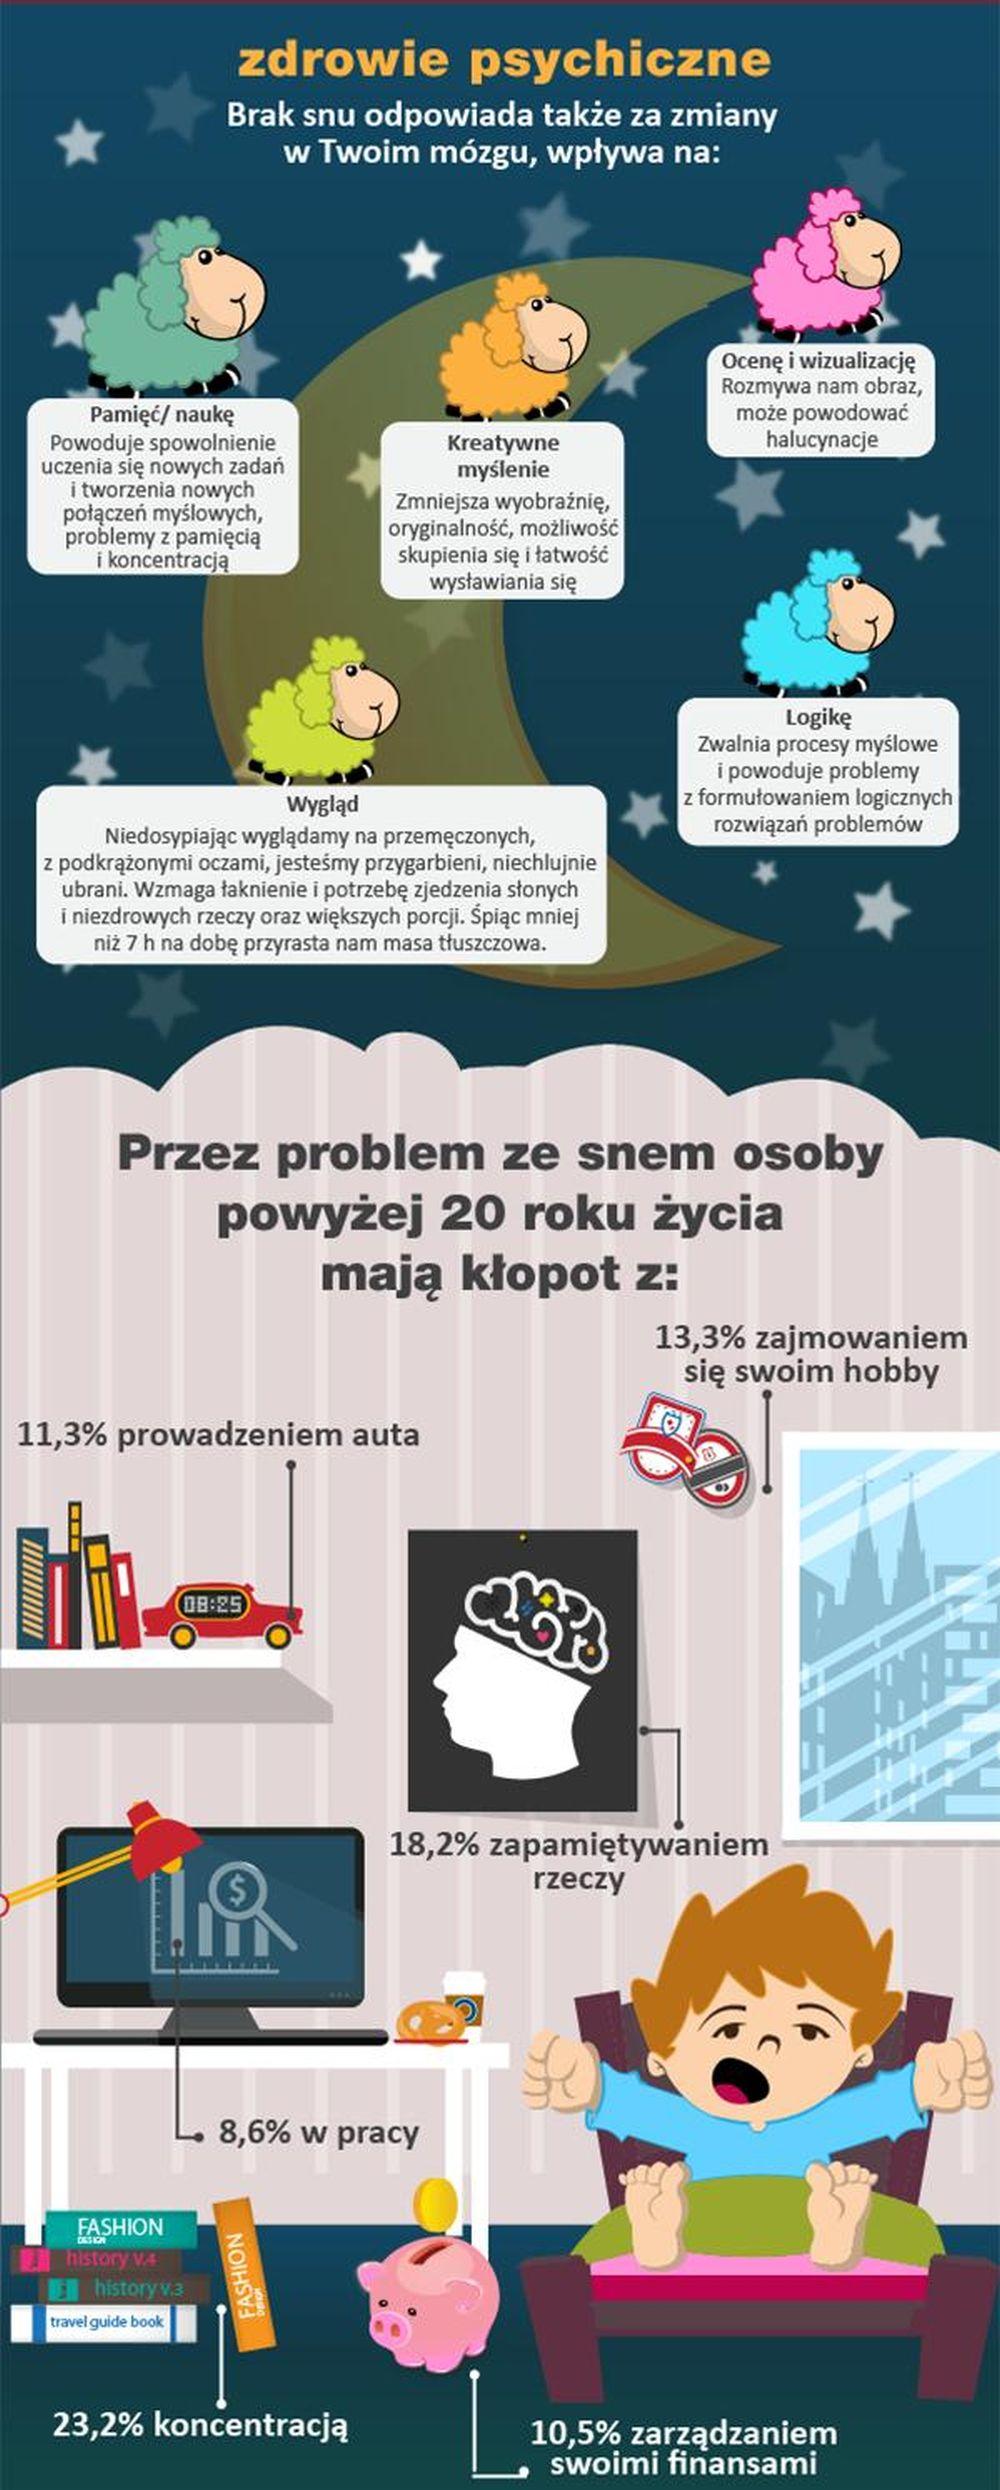 Co powodują zaburzenia snu